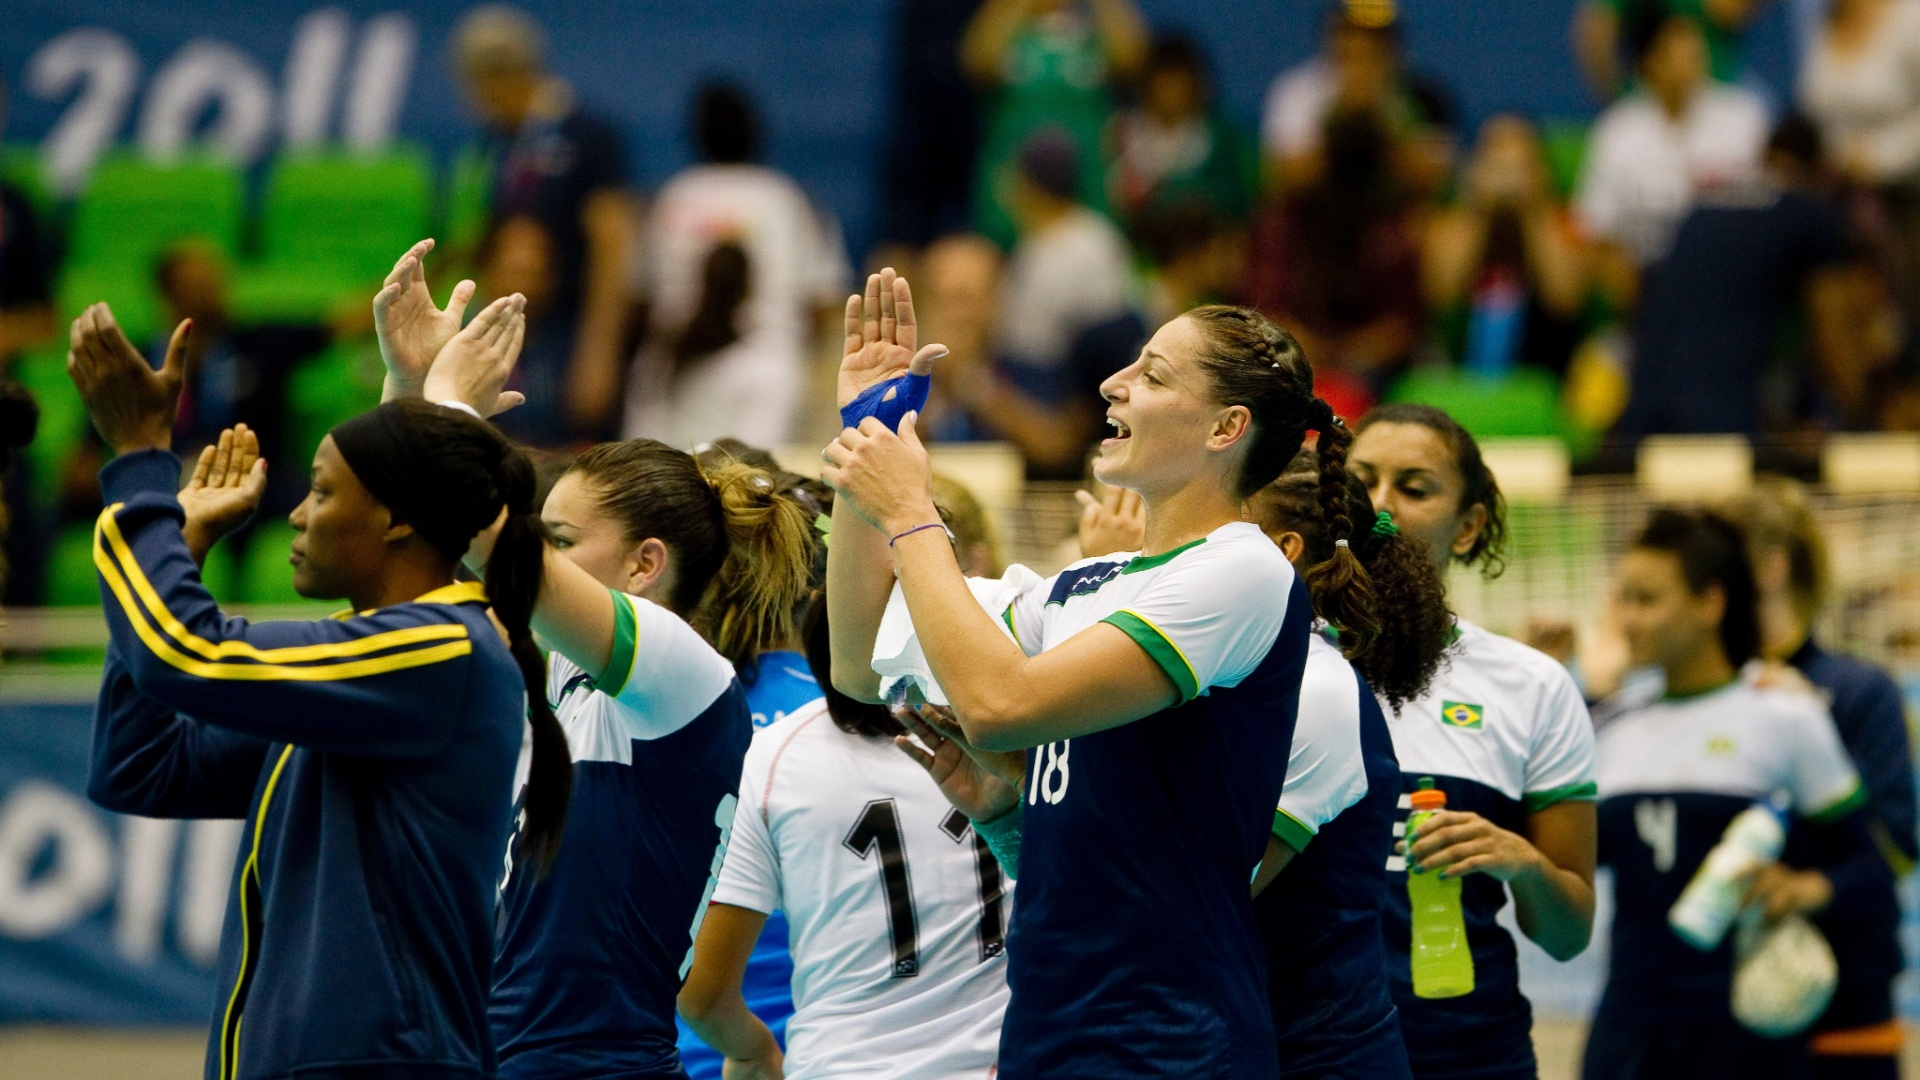 Jogadoras do handebol brasileiro agradecem o apoio da torcida após a vitória contra o México nas semifinais to Pan de Guadalajara